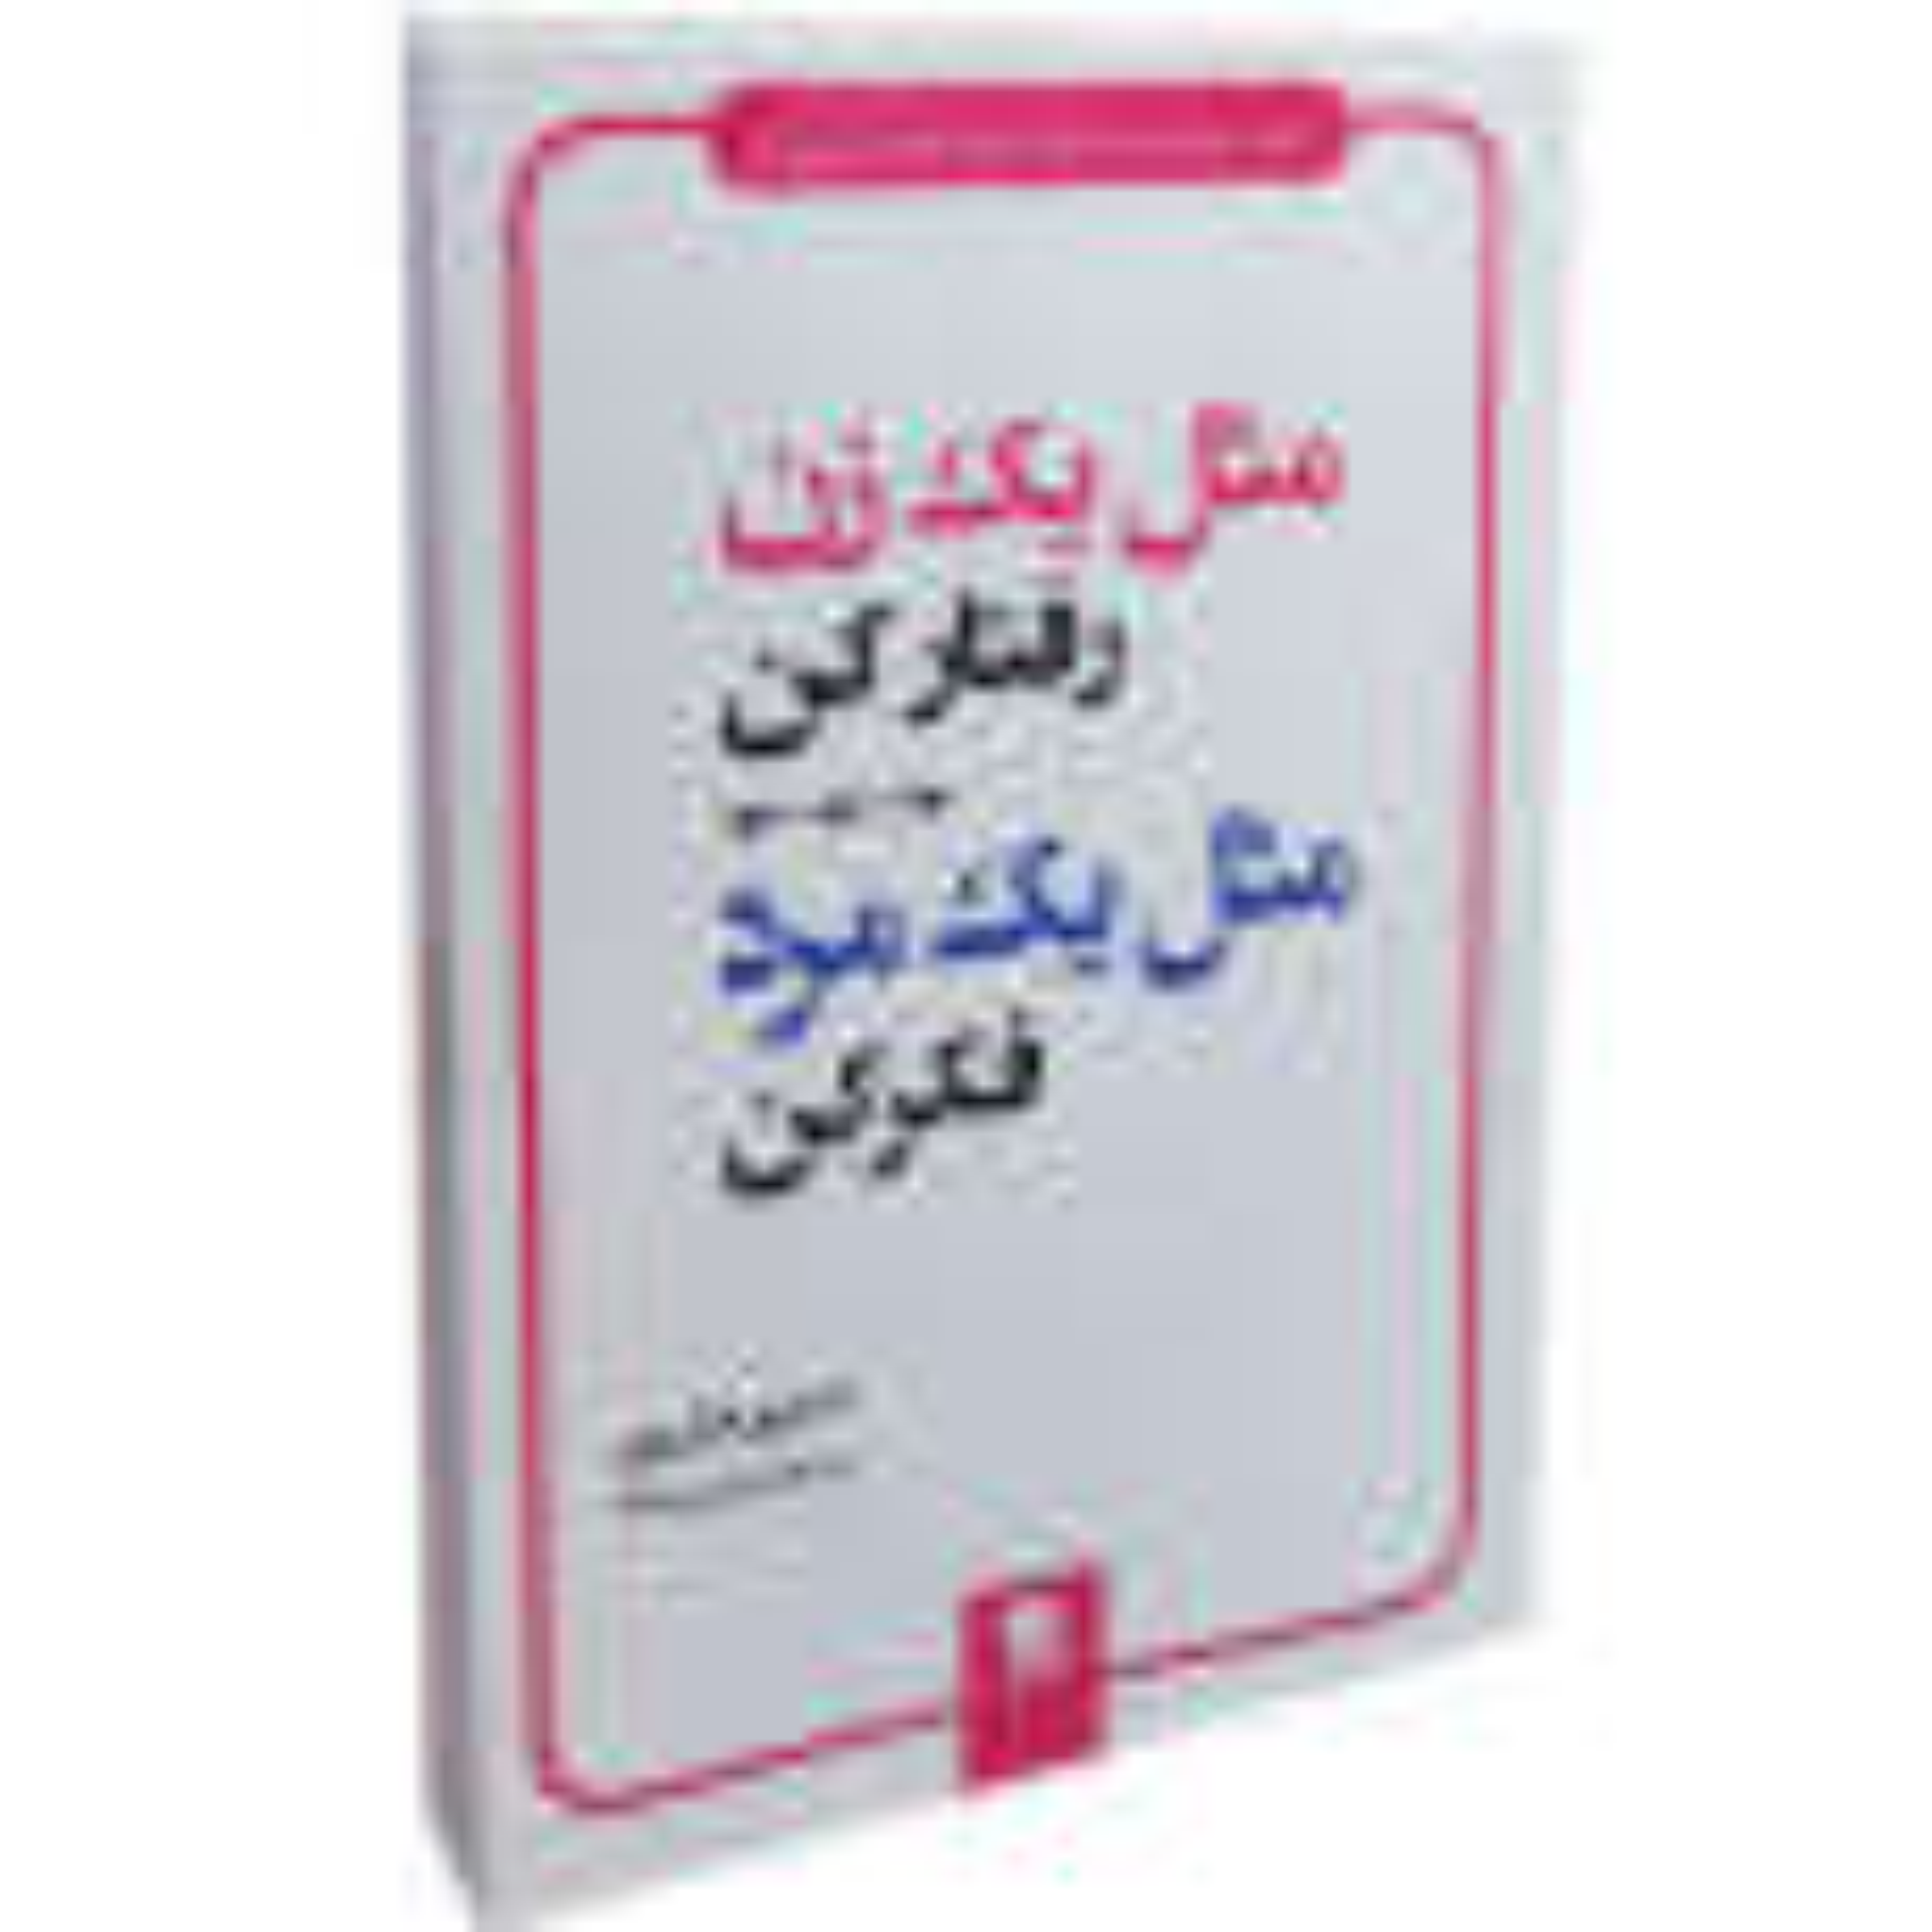 کتاب مثل یک زن رفتار کن مثل یک مرد فکر کن اثر استیو هاروی نشر شیر محمدی thumb 1